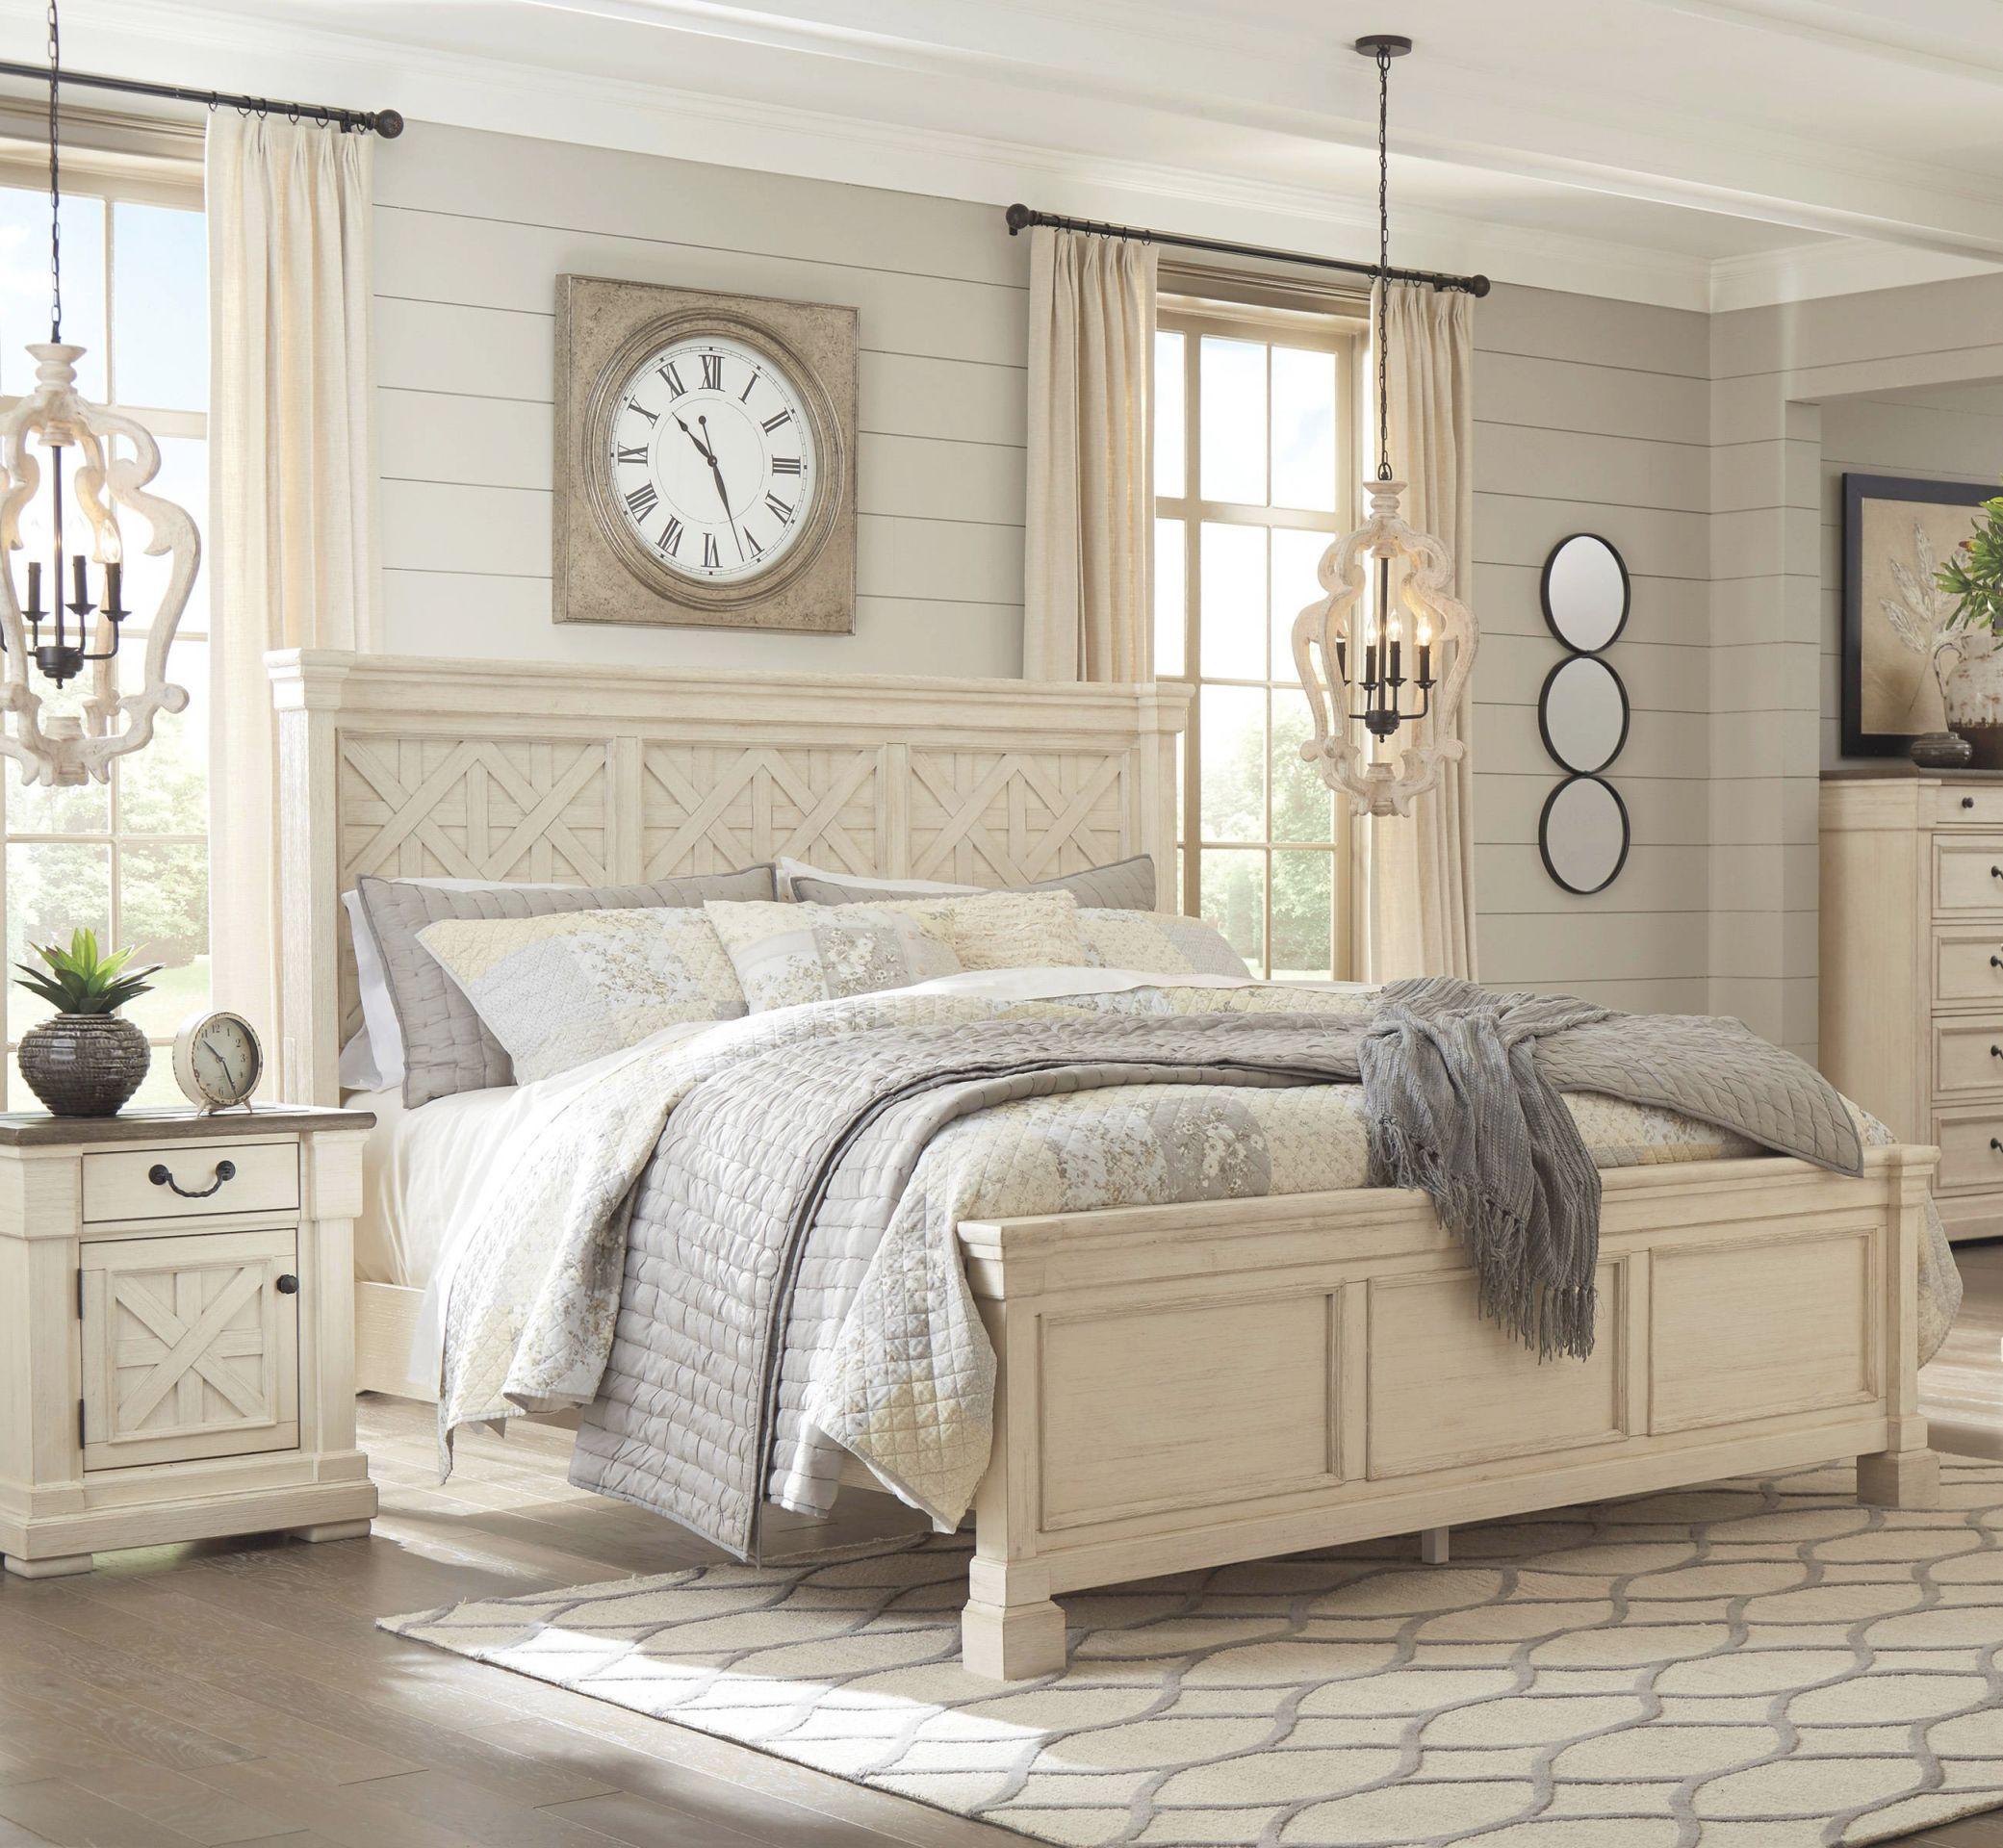 ashley furniture bolanburg white 2pc